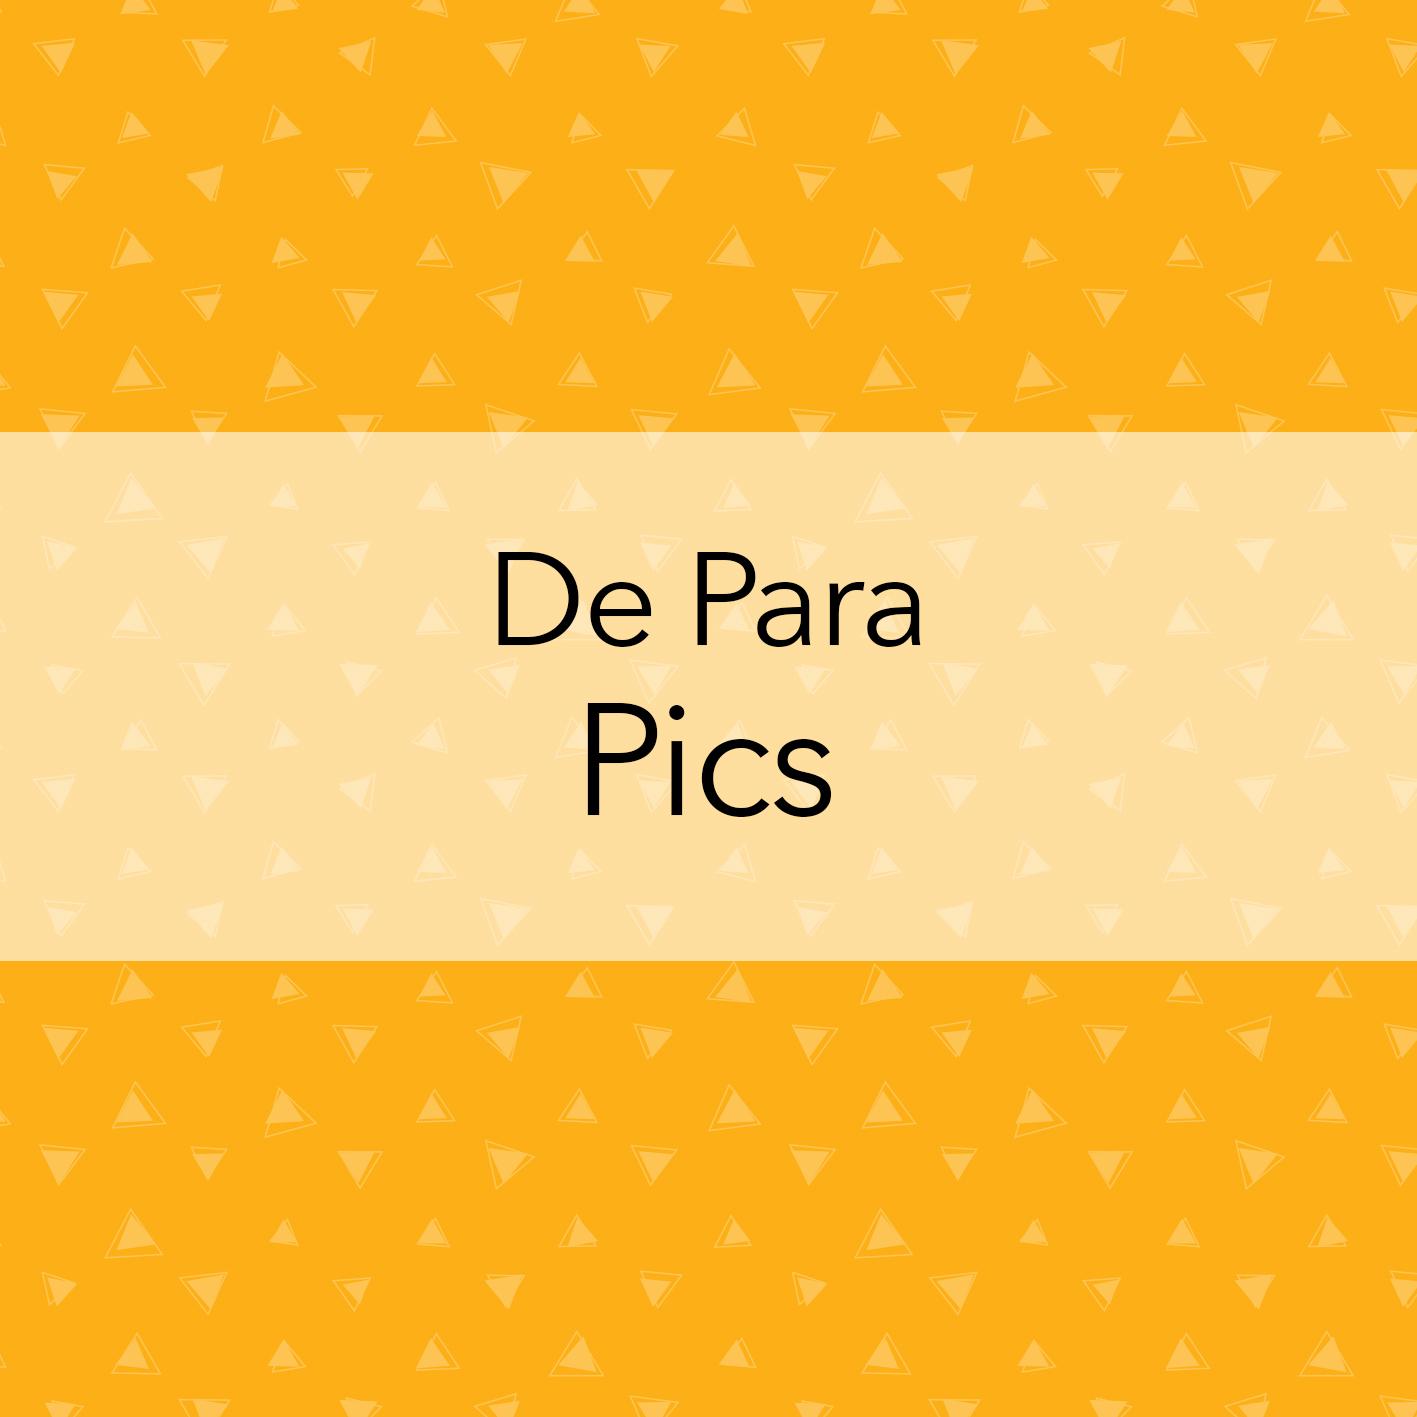 DE PARA PICS